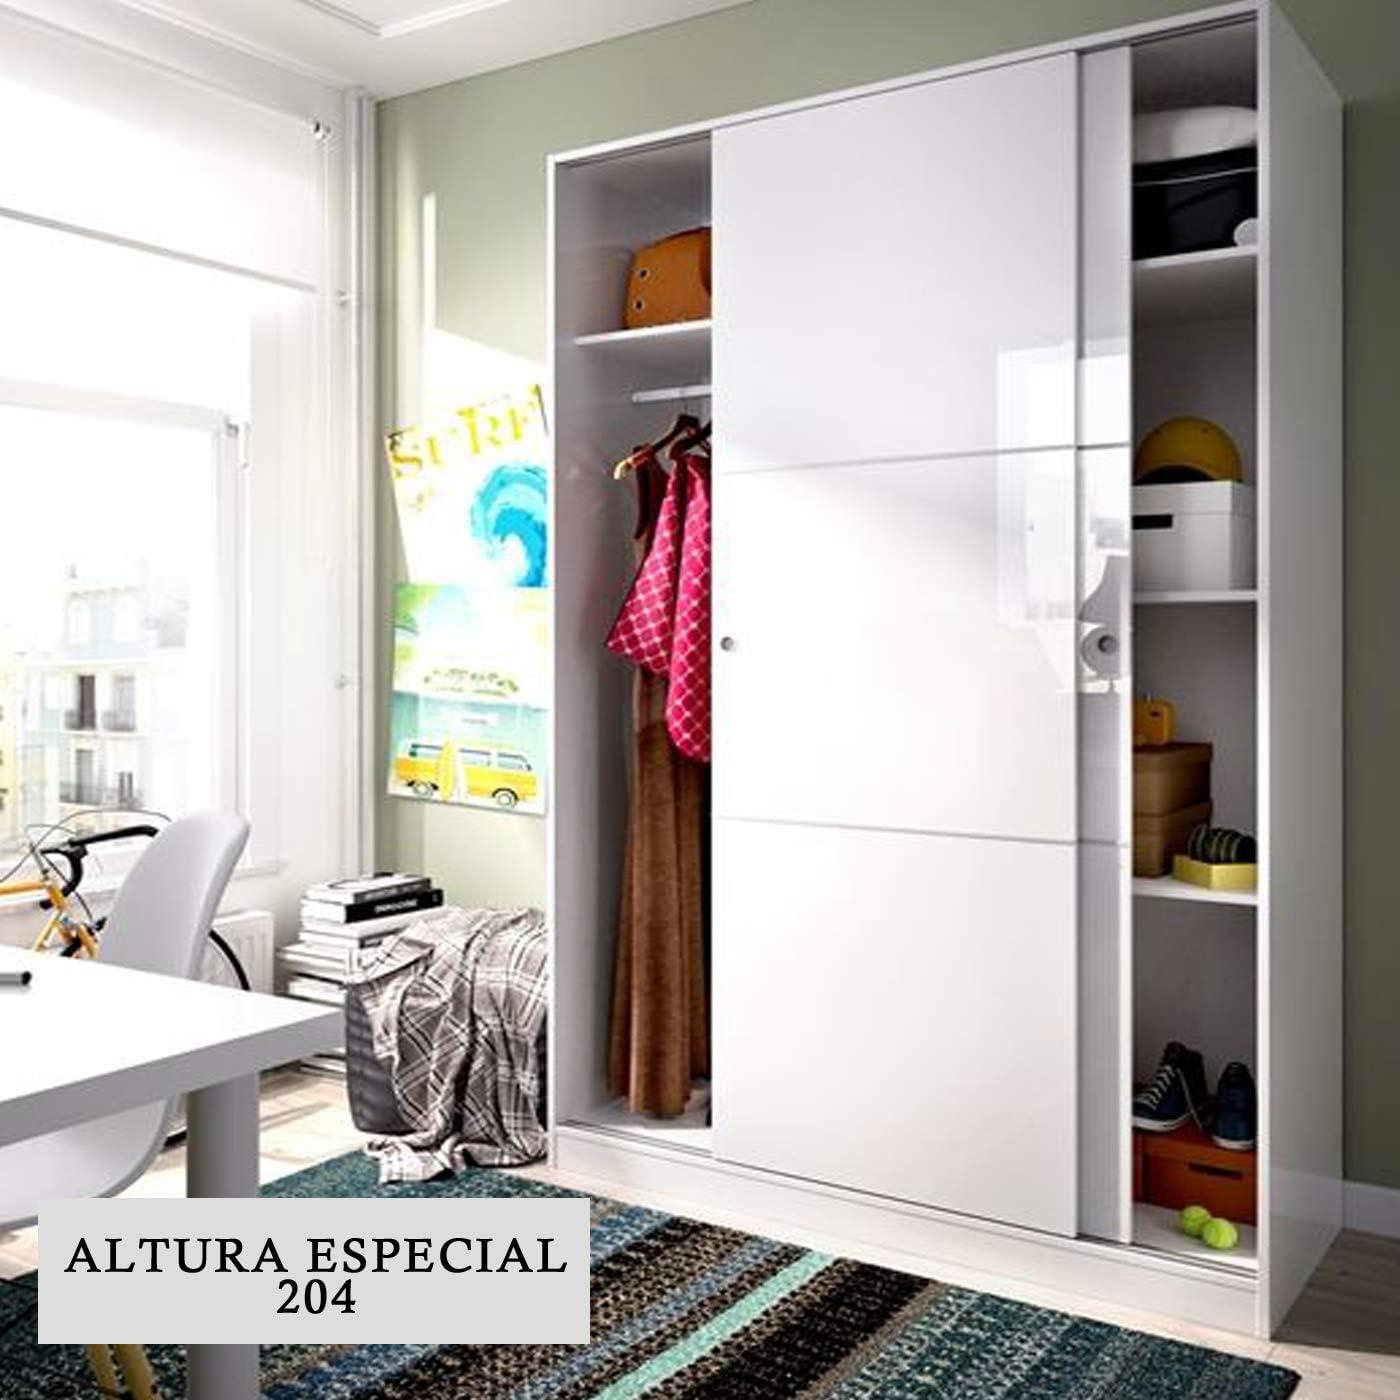 HABITMOBEL Armario Puertas correderas Altura Especial Barra para Colgar Color Blanco 204X120cm